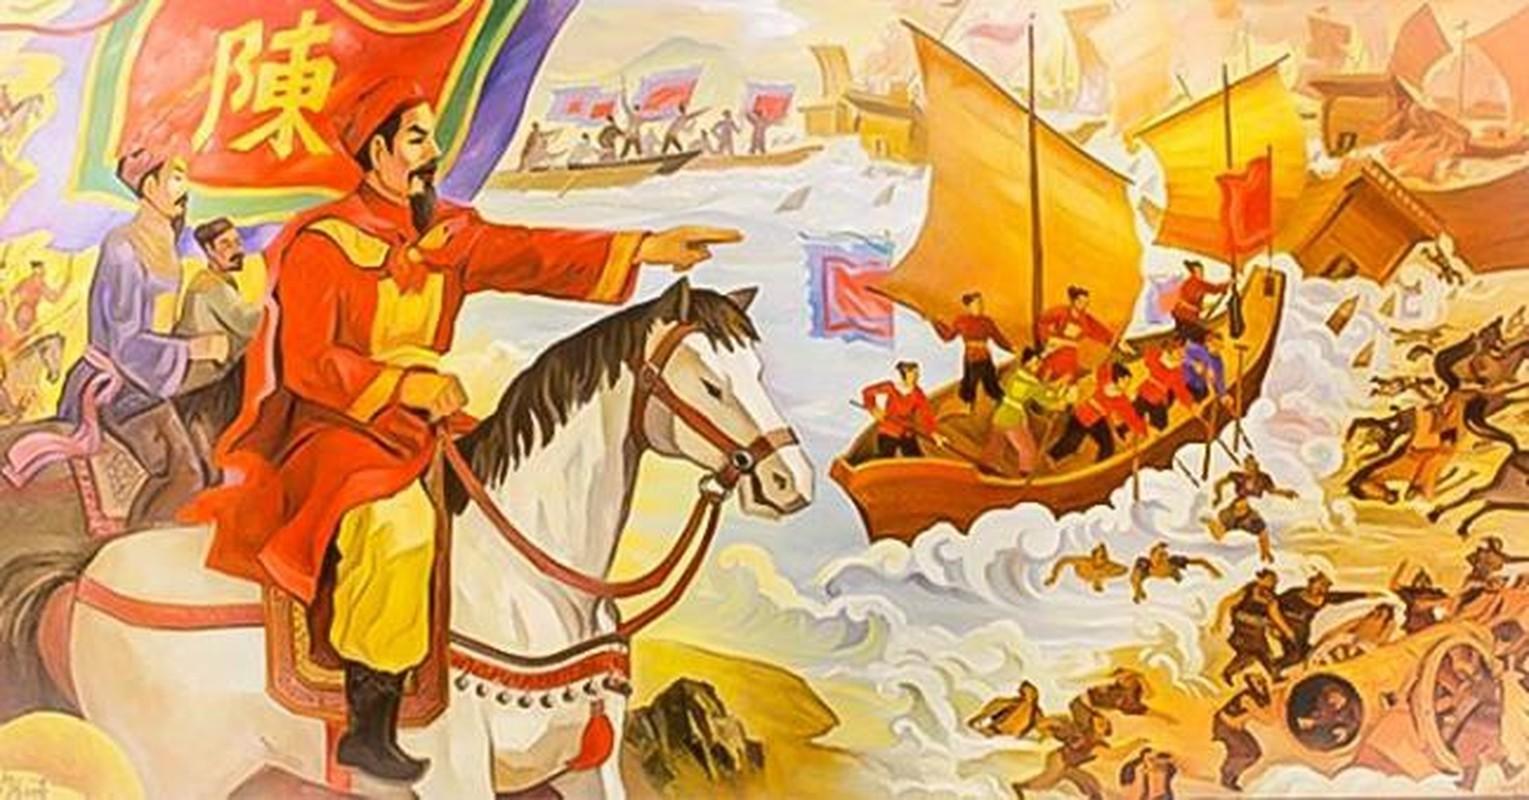 Vua nuoc Viet nao coi hoang bao dap cho thu cap tuong Mong Co?